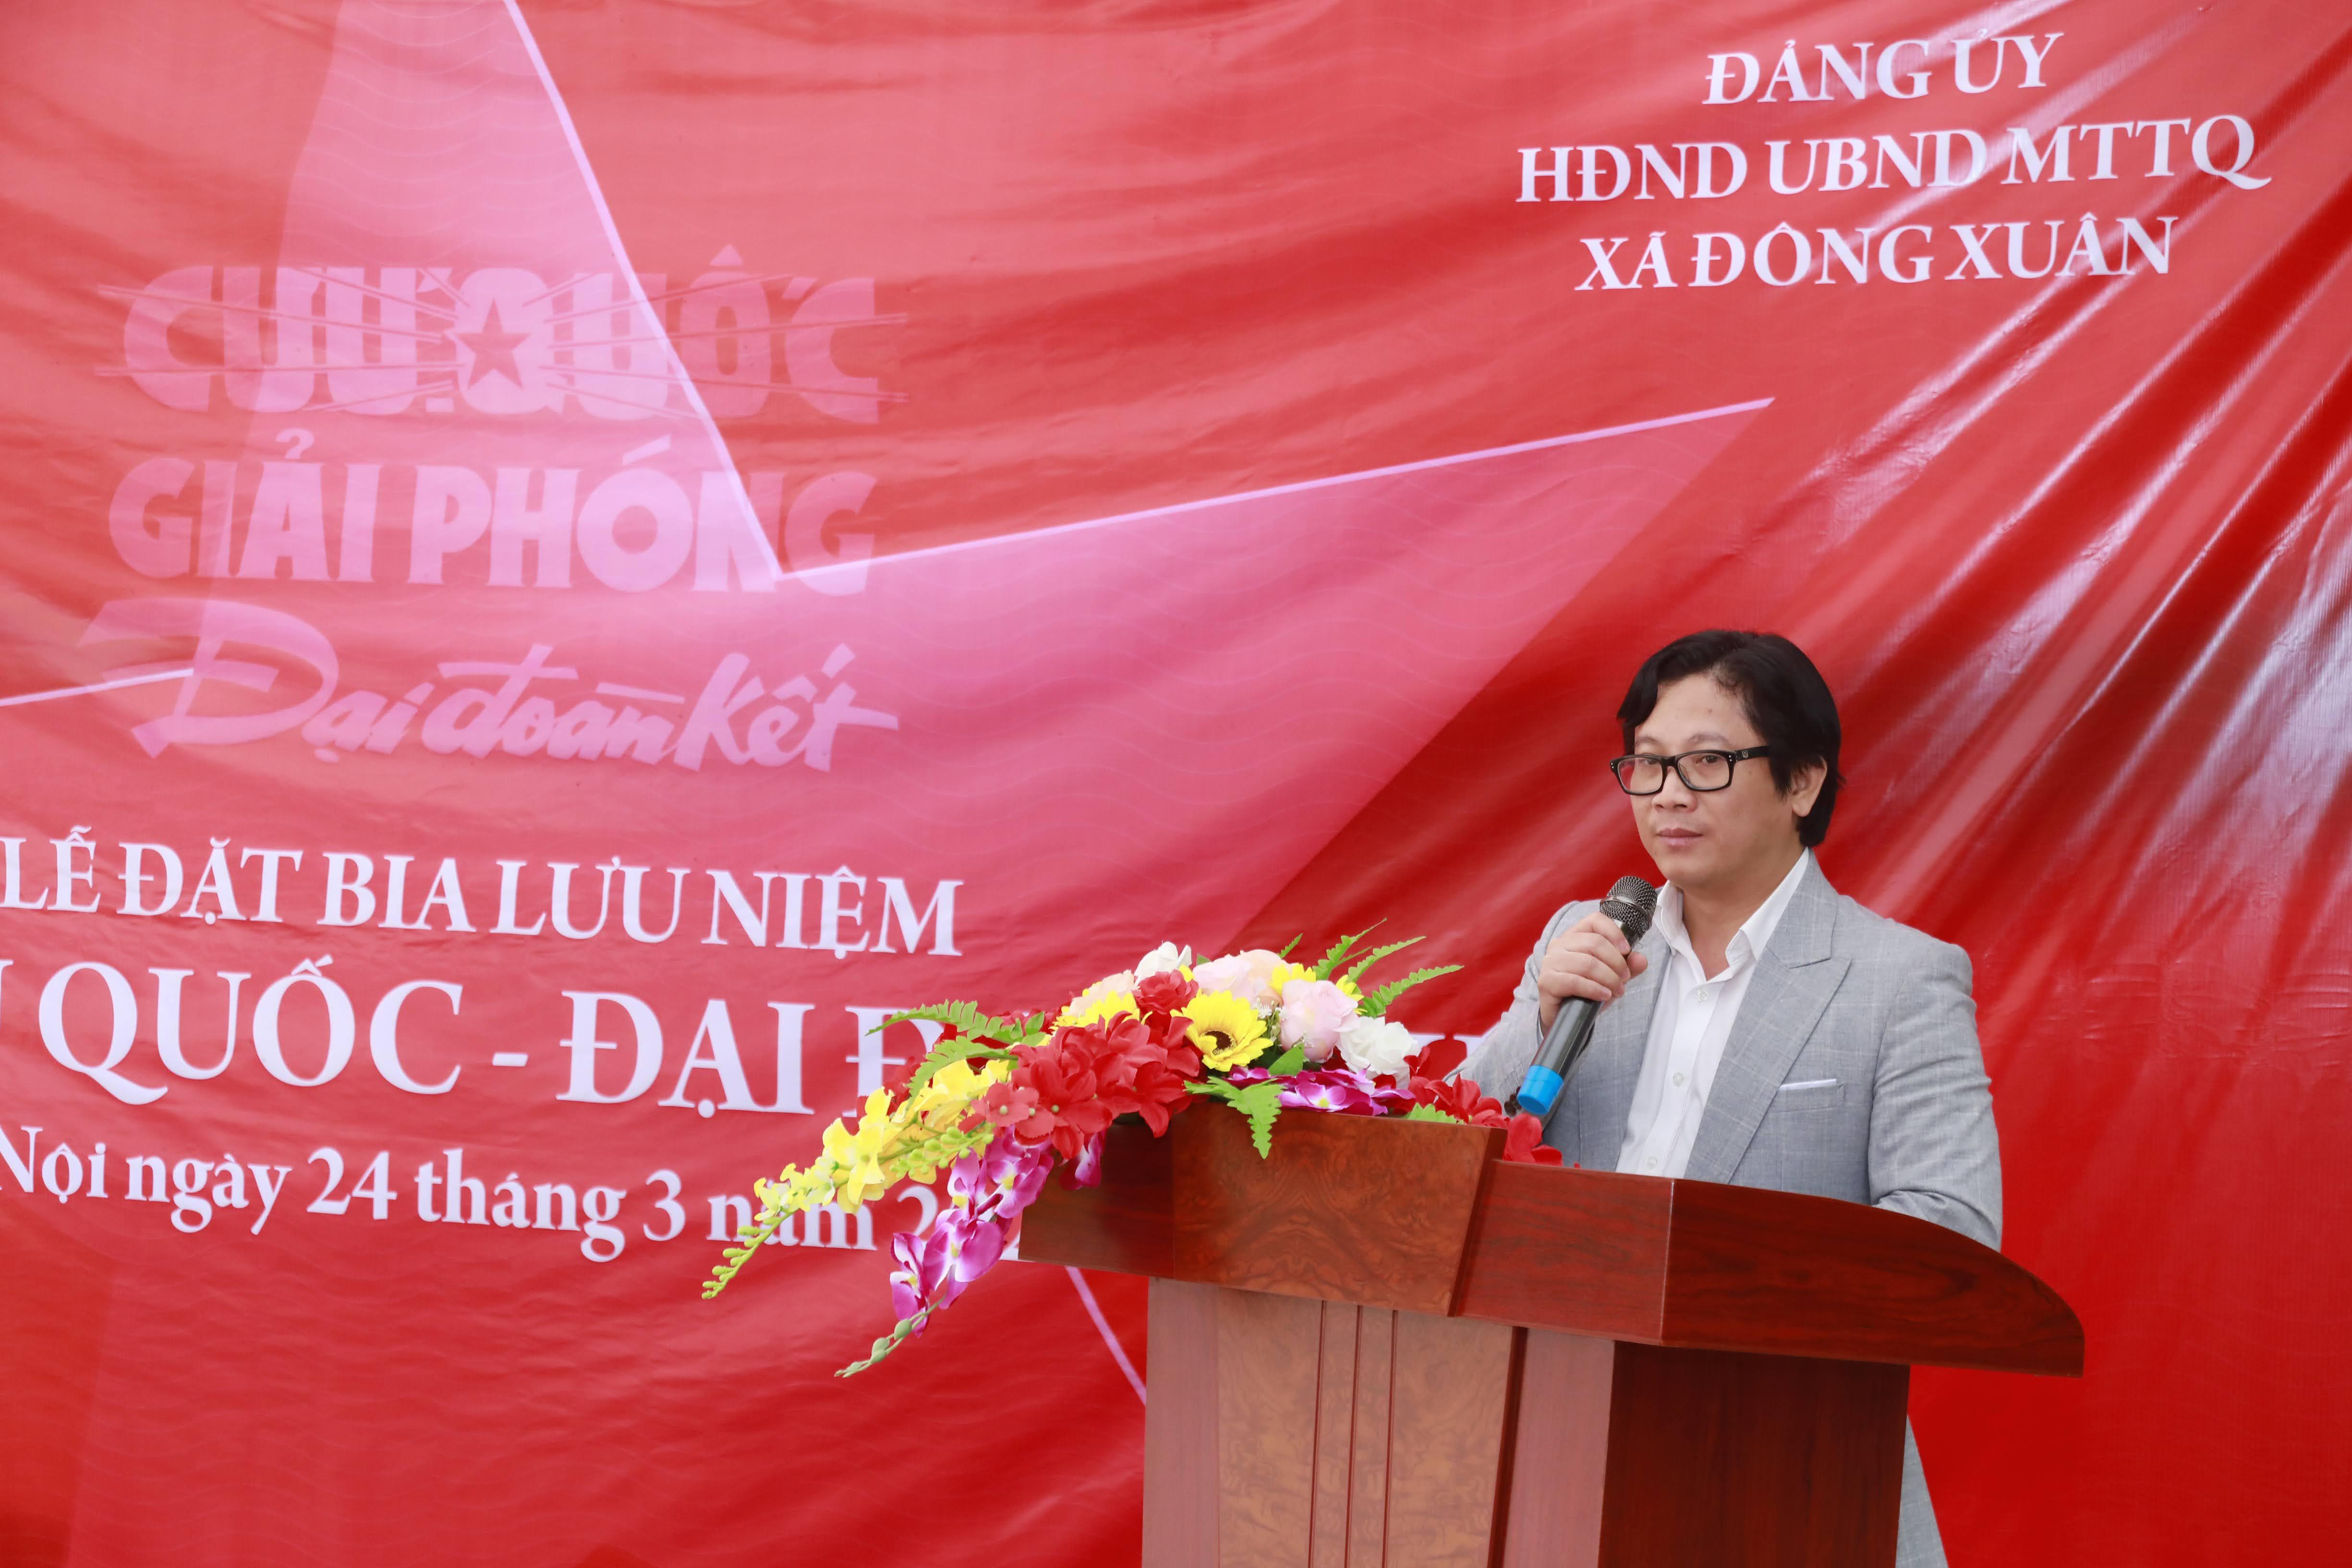 Nhà báo Lê Anh Đạt, Phó Tổng biên tập phụ trách báo Đại Đoàn Kết phát biểu tại buổi lễ.Ảnh: Quang Vinh.